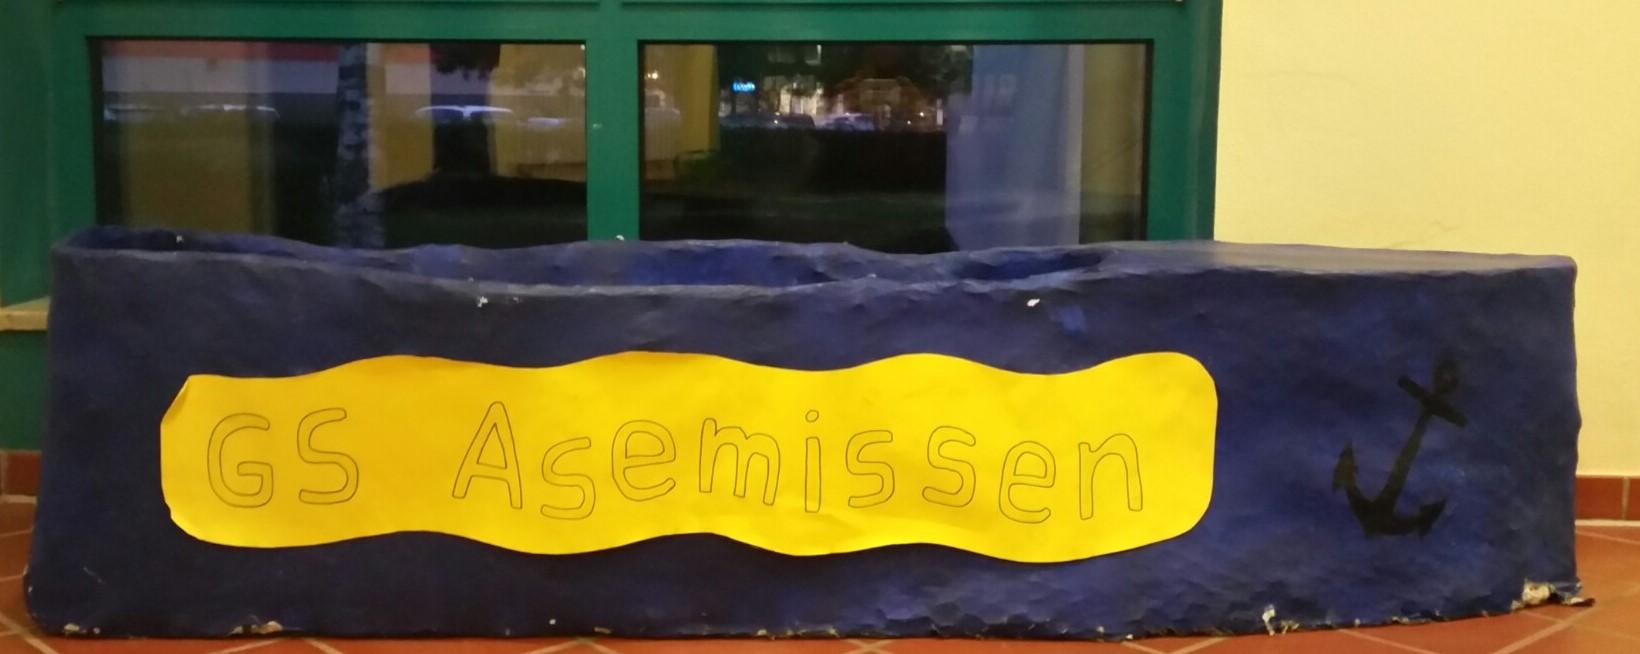 Grundschule Süd in Asemissen